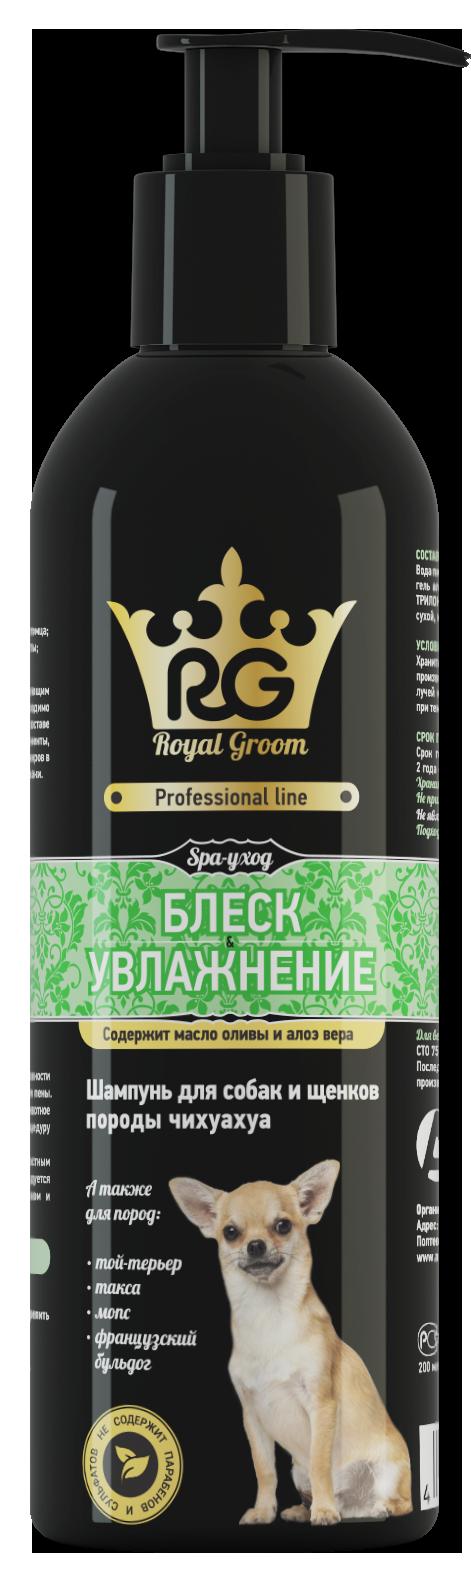 Роял Грум шампунь для короткошерстных собак Блеск и Увлажнение